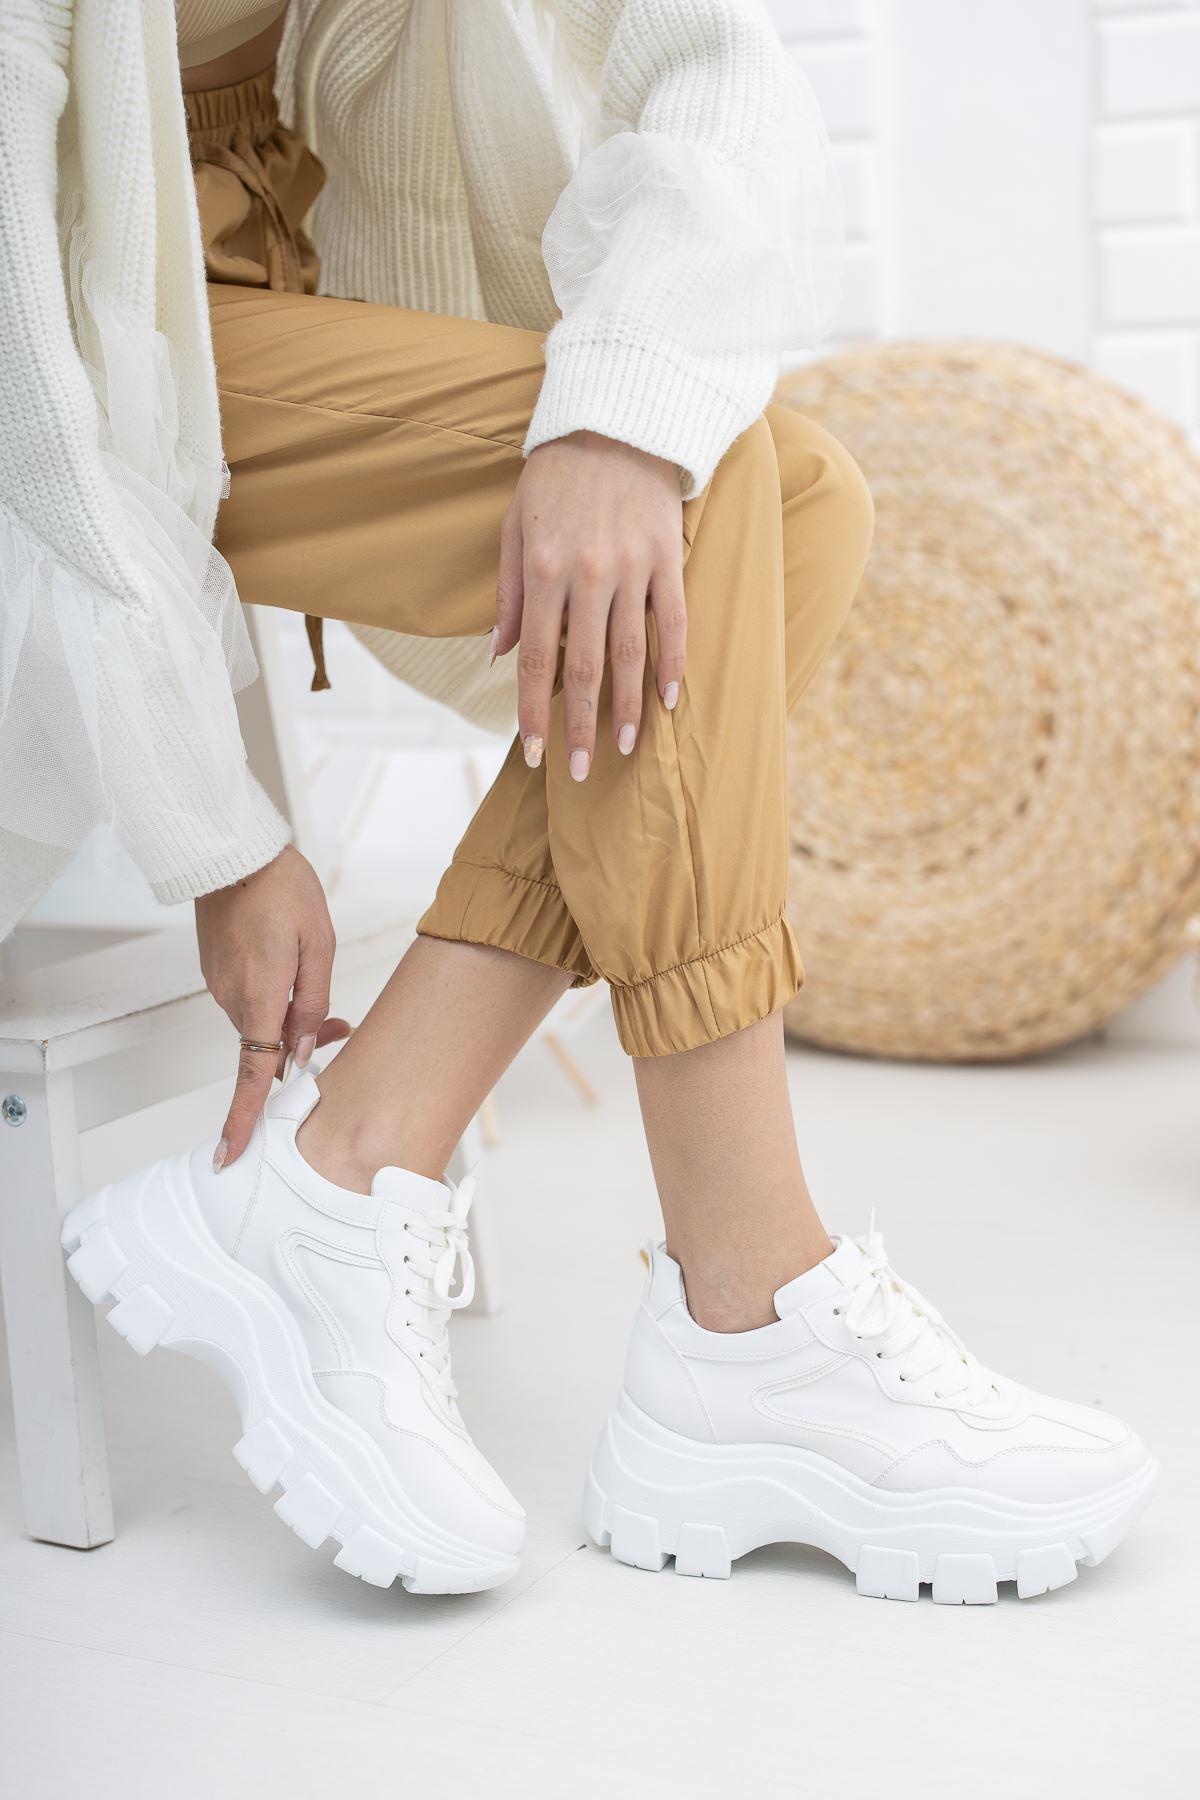 Juliet Beyaz Yüksek Taban Ortapedik Kadın Spor Ayakkabı